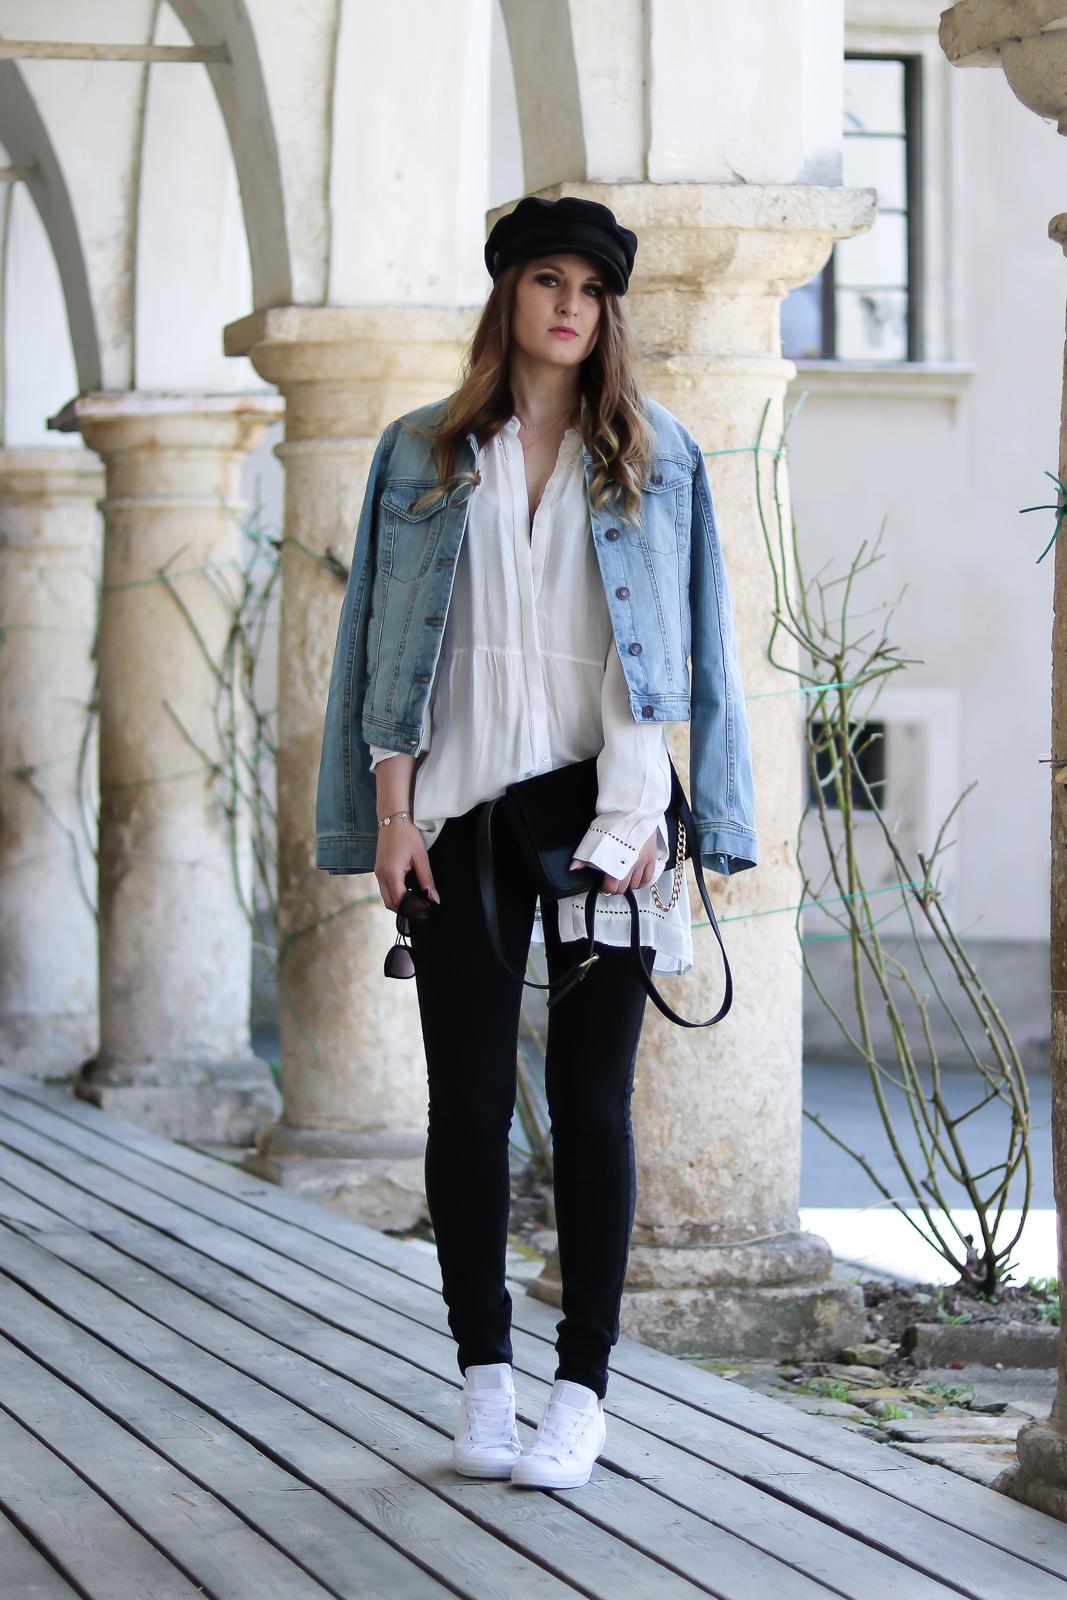 Baker Boy Hat - so kombinierst du diesen Modetrend - Hut Trend der Saison - Trend im Frühling - Outfit Kombination im Frühling - Schwarze Jeans - weiße Hemdbluse - Jeansjacke - weiße Converse - Fashionladyloves by Tamara Wagner - Fashion Blog - Mode Blog aus Graz Österreich